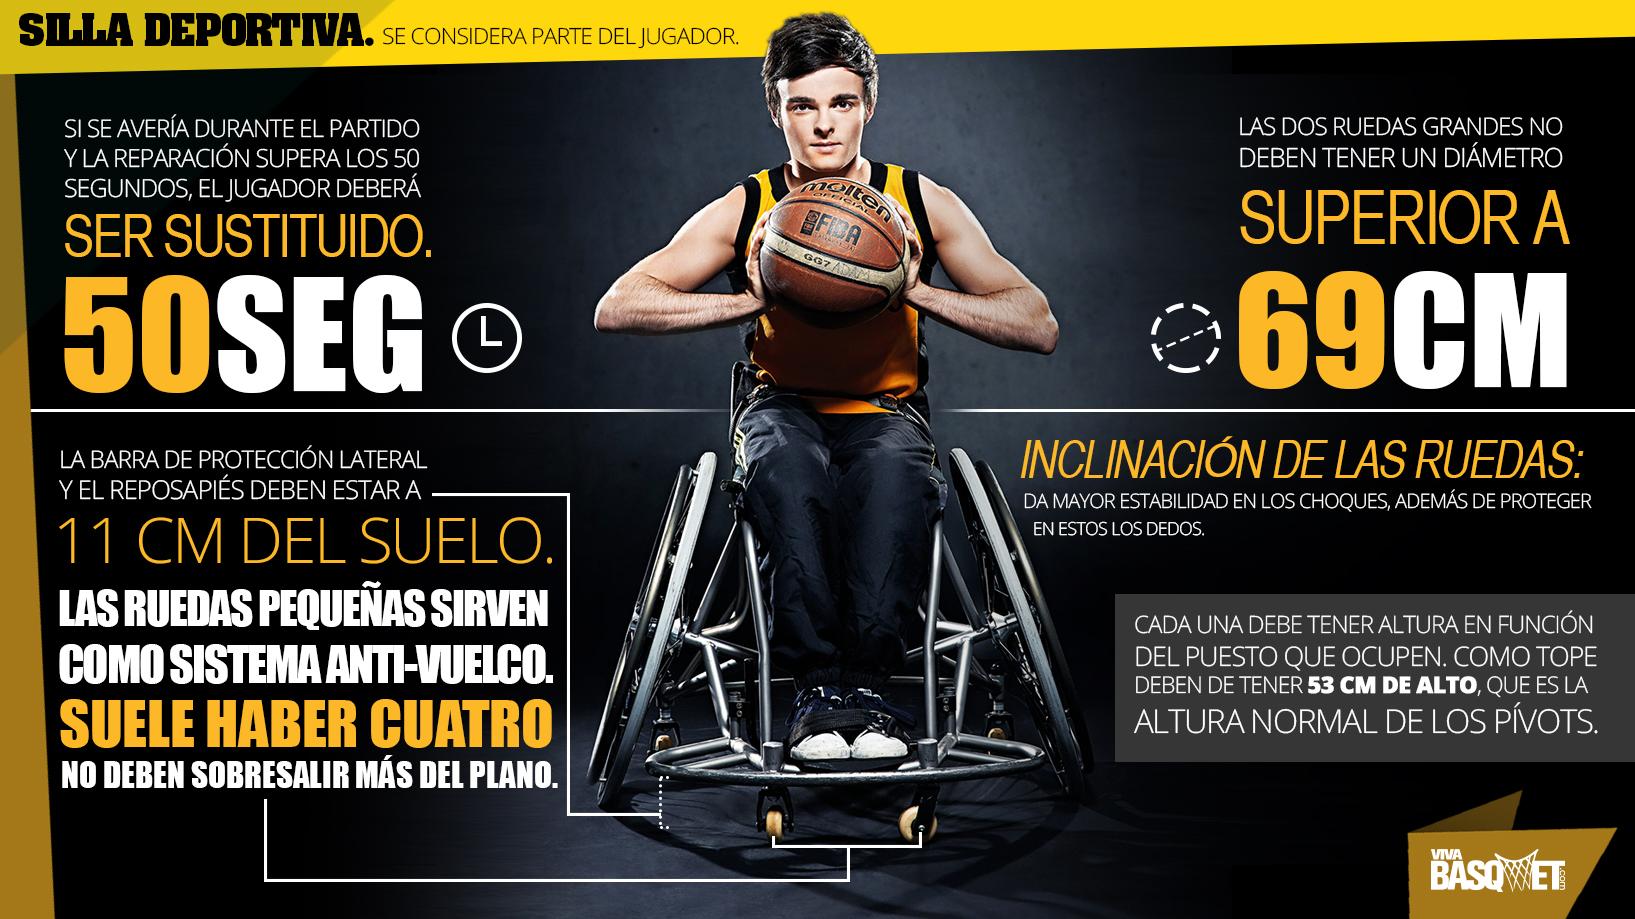 Las especificaciones de la silla de ruedas de basquetbol por Viva Basquet.